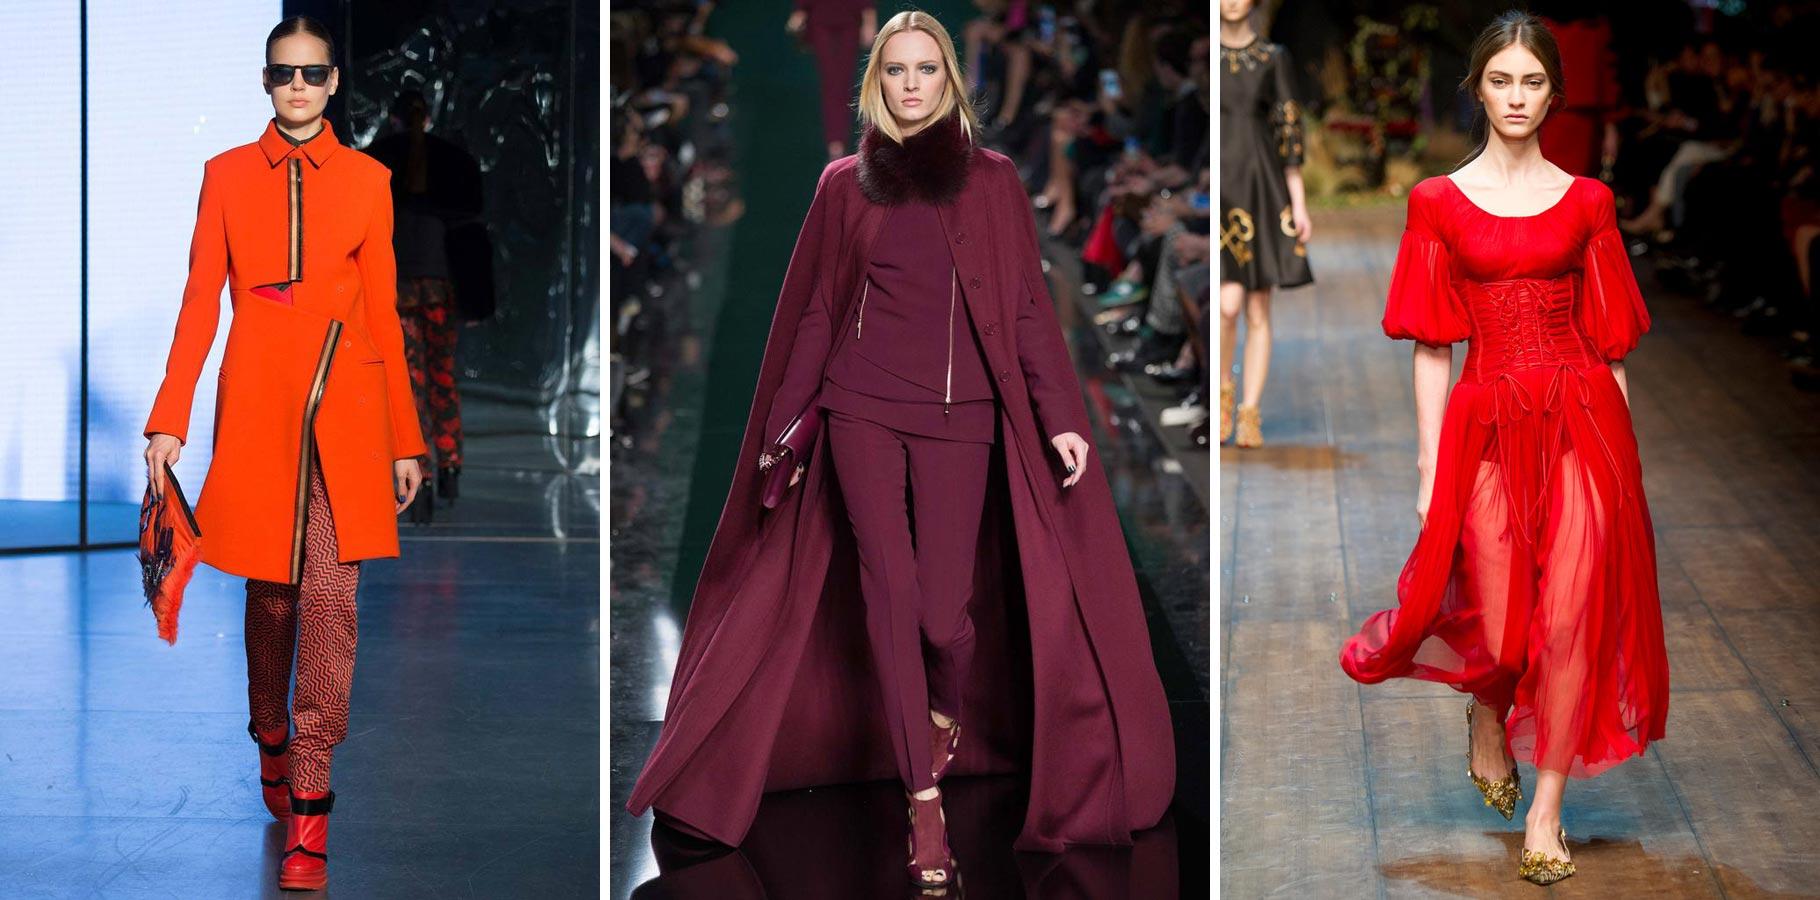 Celá v červenom – zimné módne trendy si obľúbili celočervené outfity.